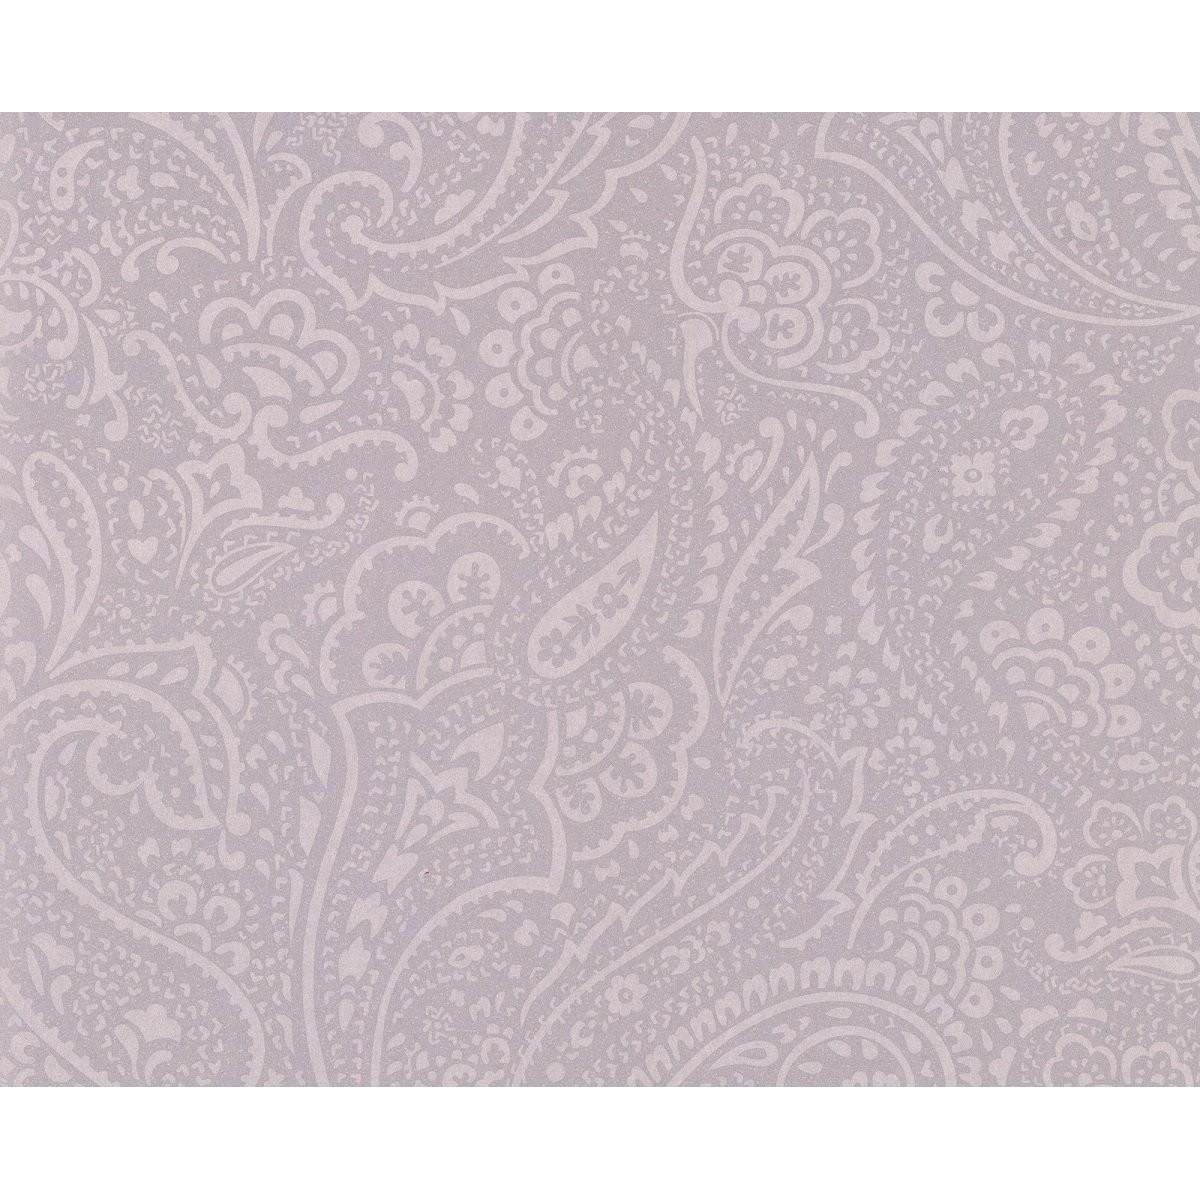 Обои флизелиновые Decor Deluxe International Vivaldi фиолетовые 0.53 м B03399/5